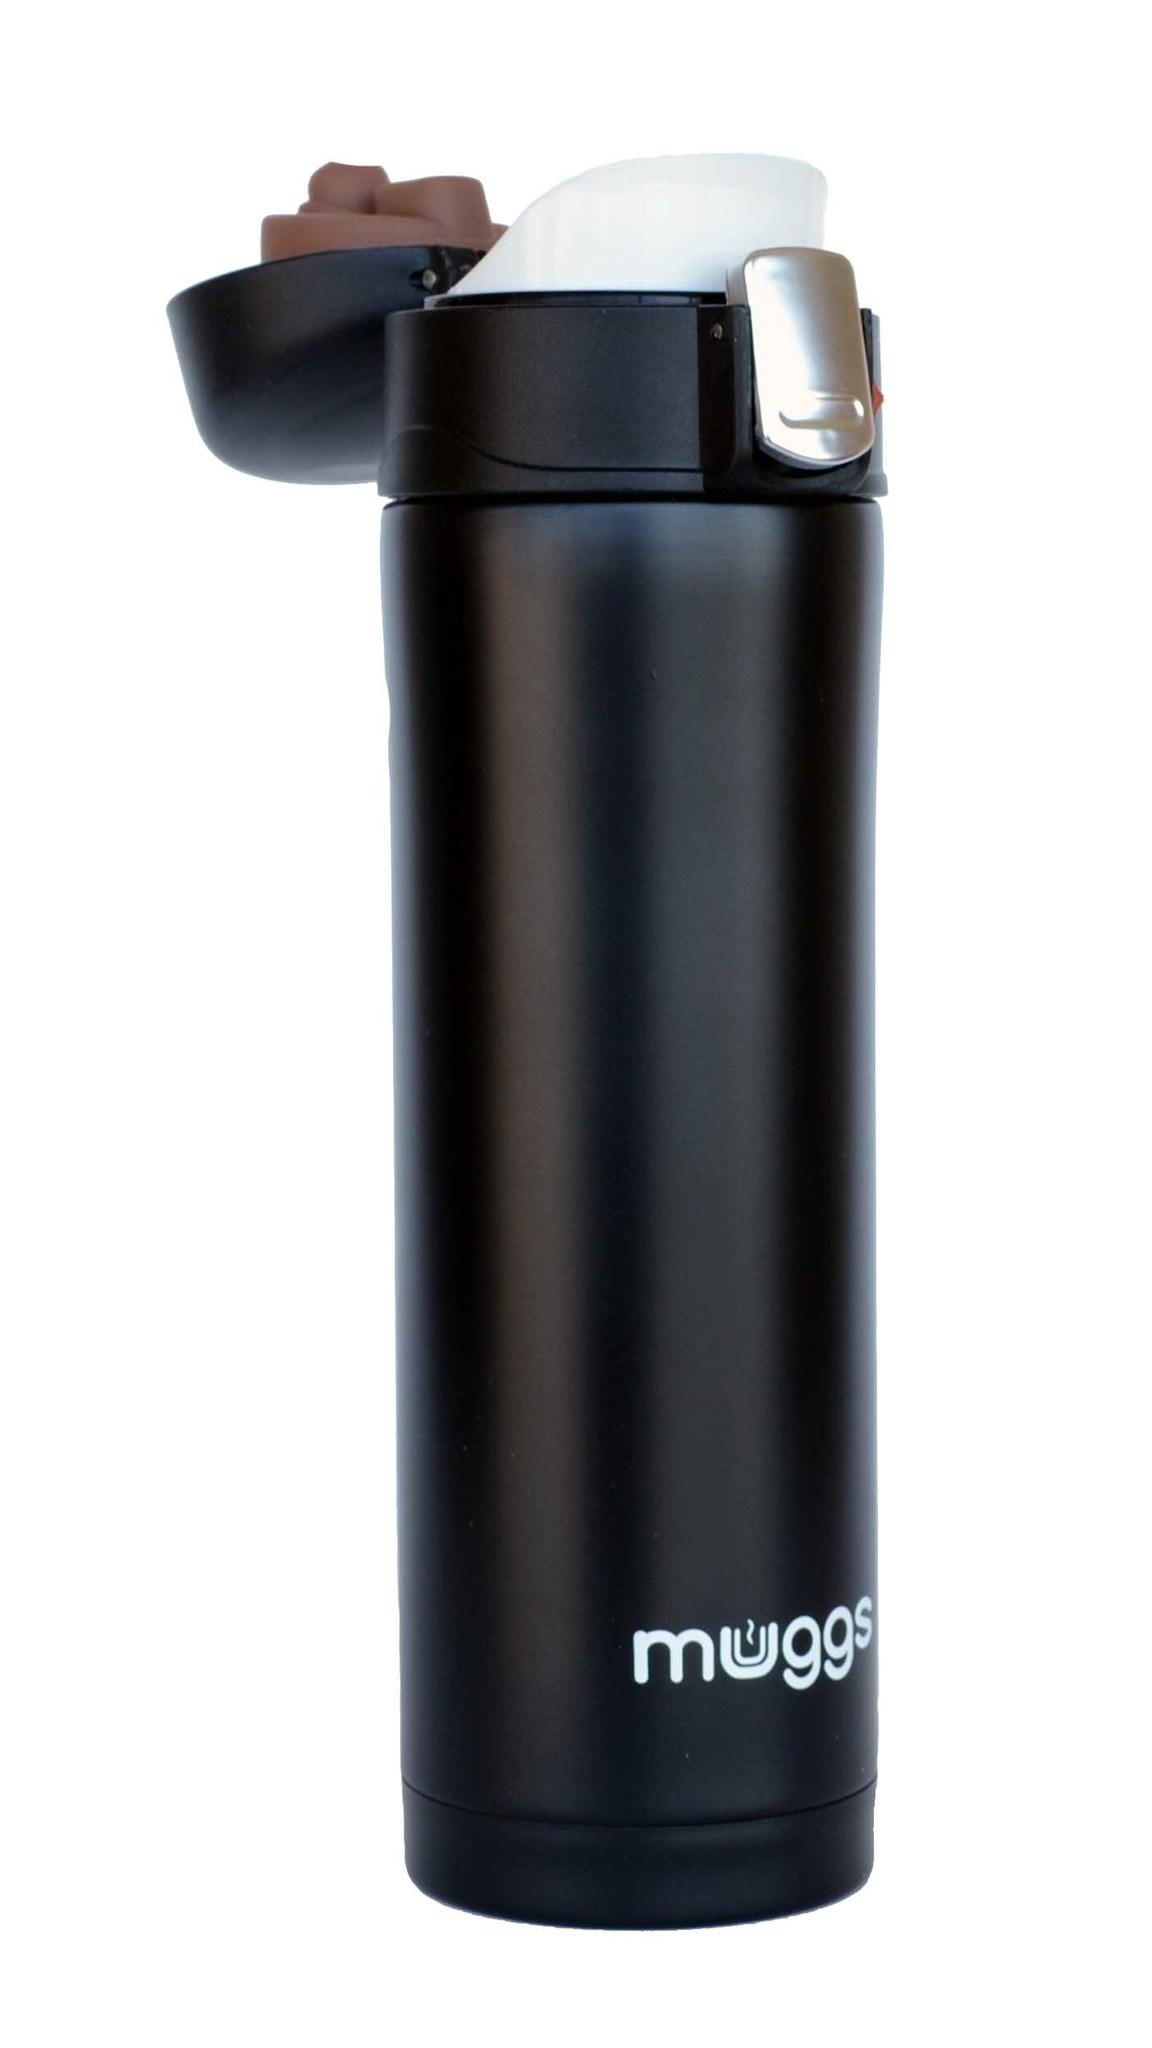 Термос-кружка Muggs Diva 0,45 л. черная